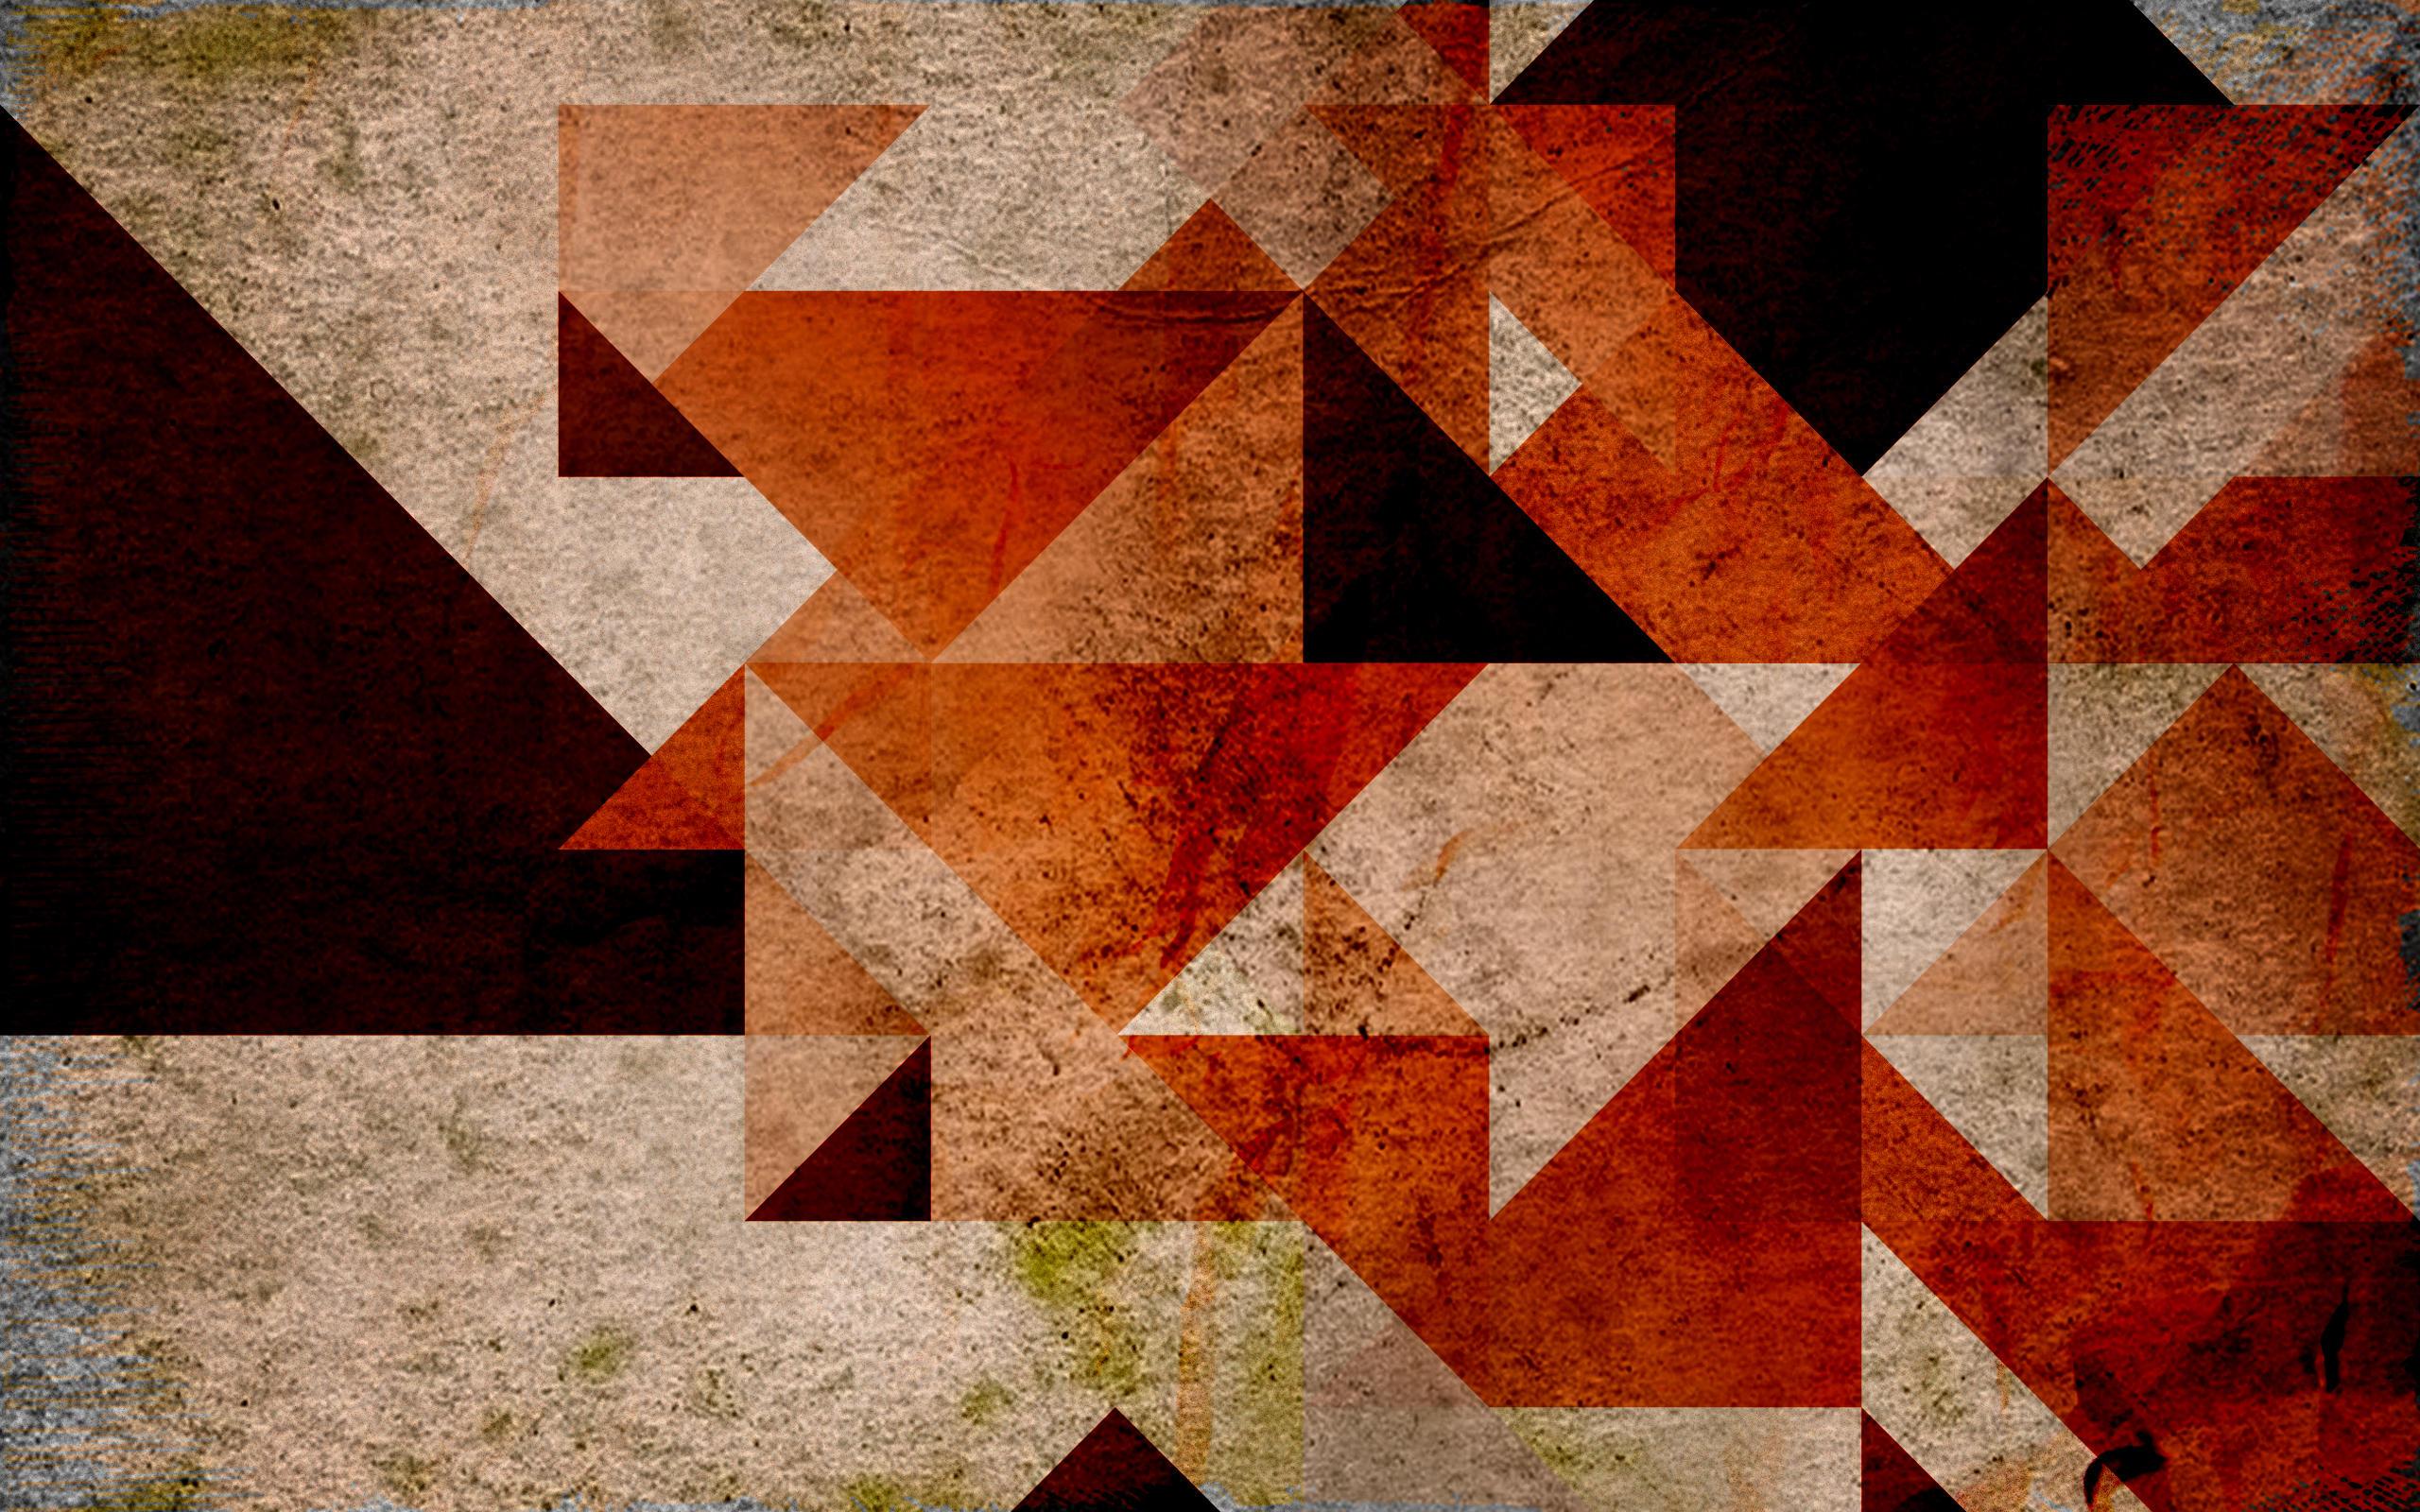 wallpaper 41 geometry retro by zpecter on DeviantArt